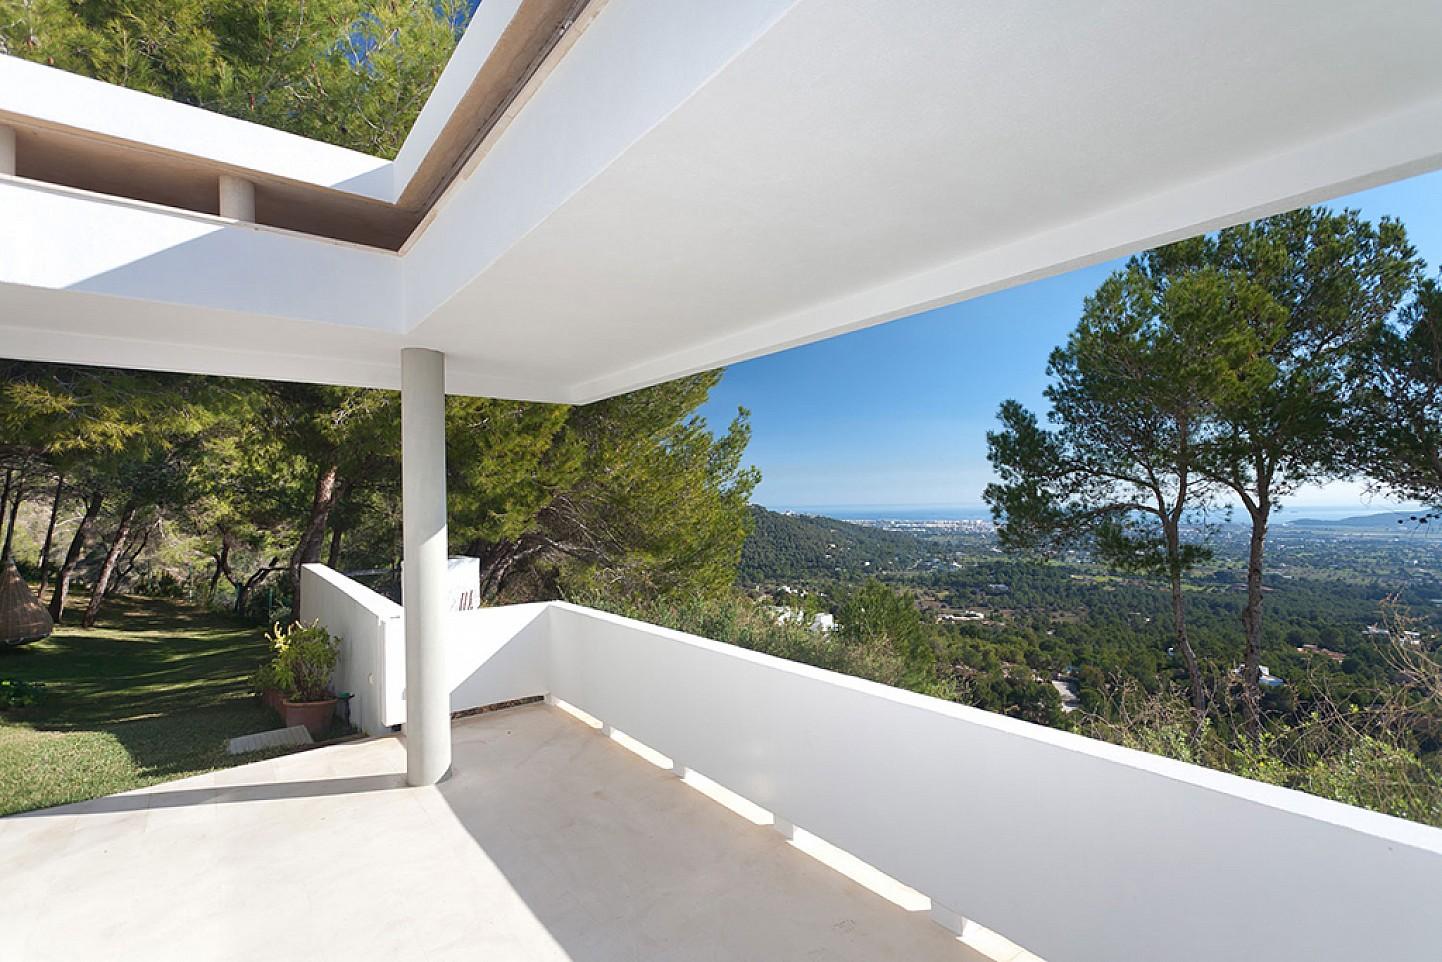 Terraza soleada de lujosa villa con maravillosas vistas en alquiler en Ibiza